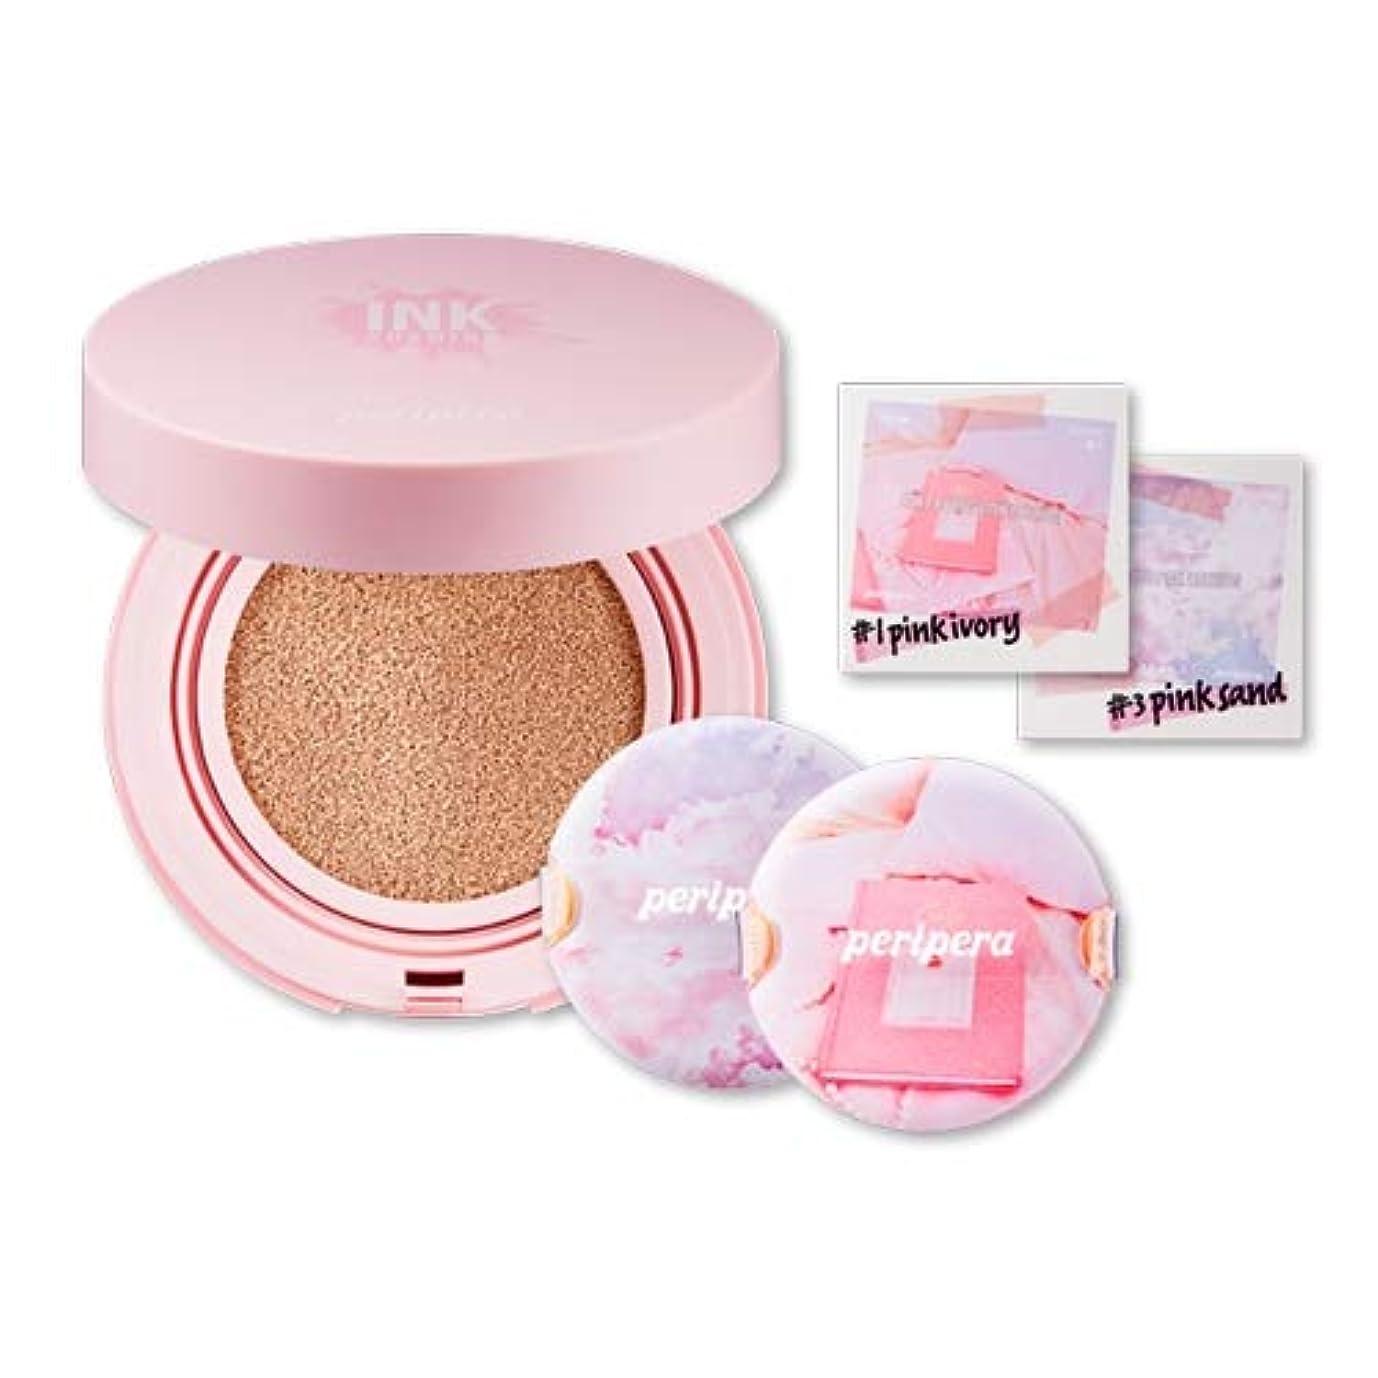 器用心からチェリーPeripera ペリペラ [ピンクの瞬間] インクラスティング ピンク クッション [Pink-Moment] Inklasting Pink Cushion (#3 Pink Sand) [並行輸入品]